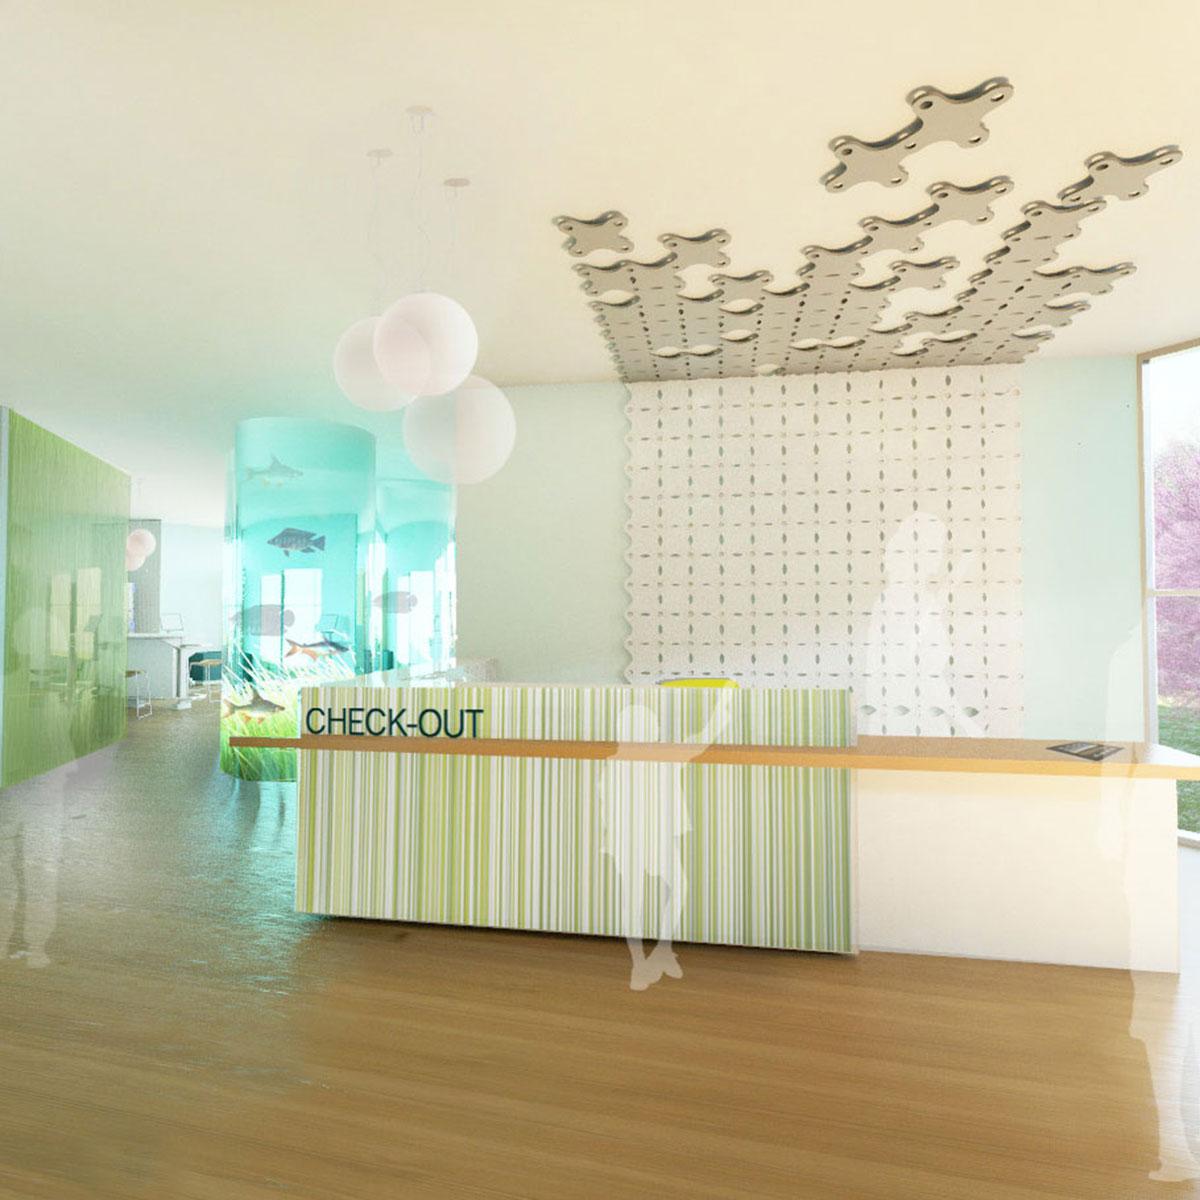 Interior Design Degree Schools: Portfolio